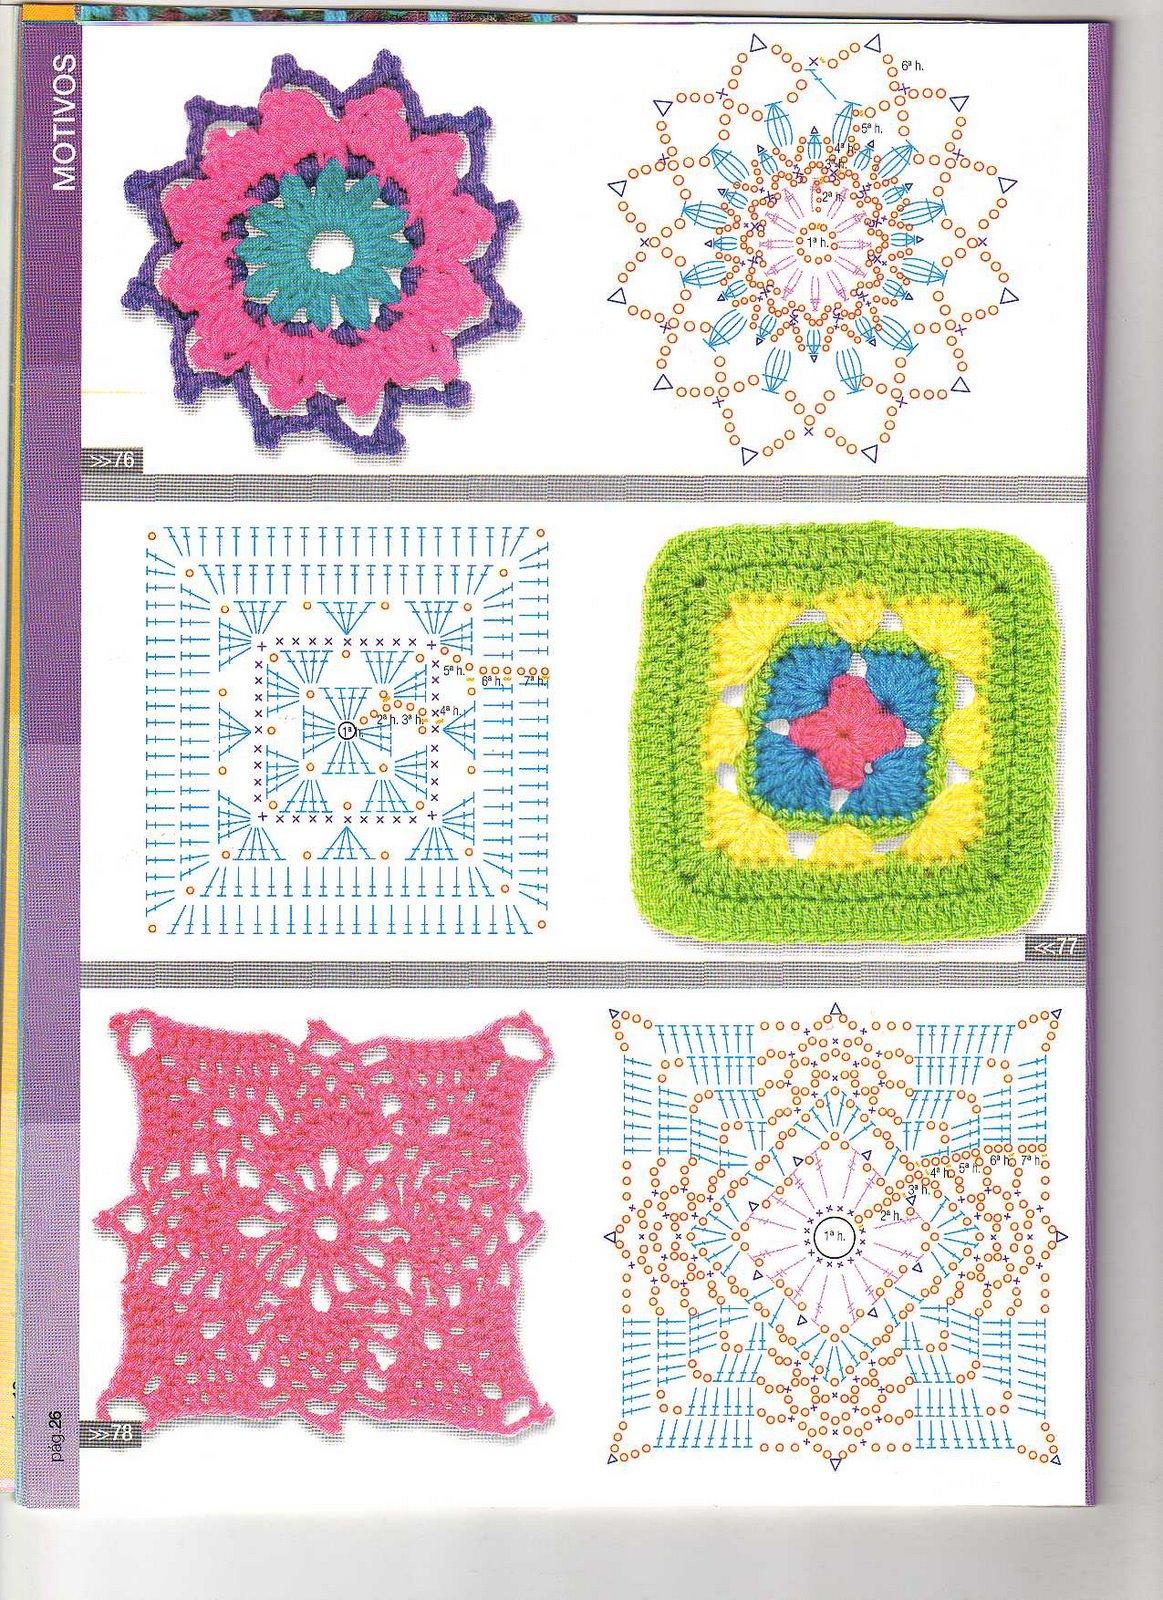 Cuadros a crochet con patrones gratis - Imagui